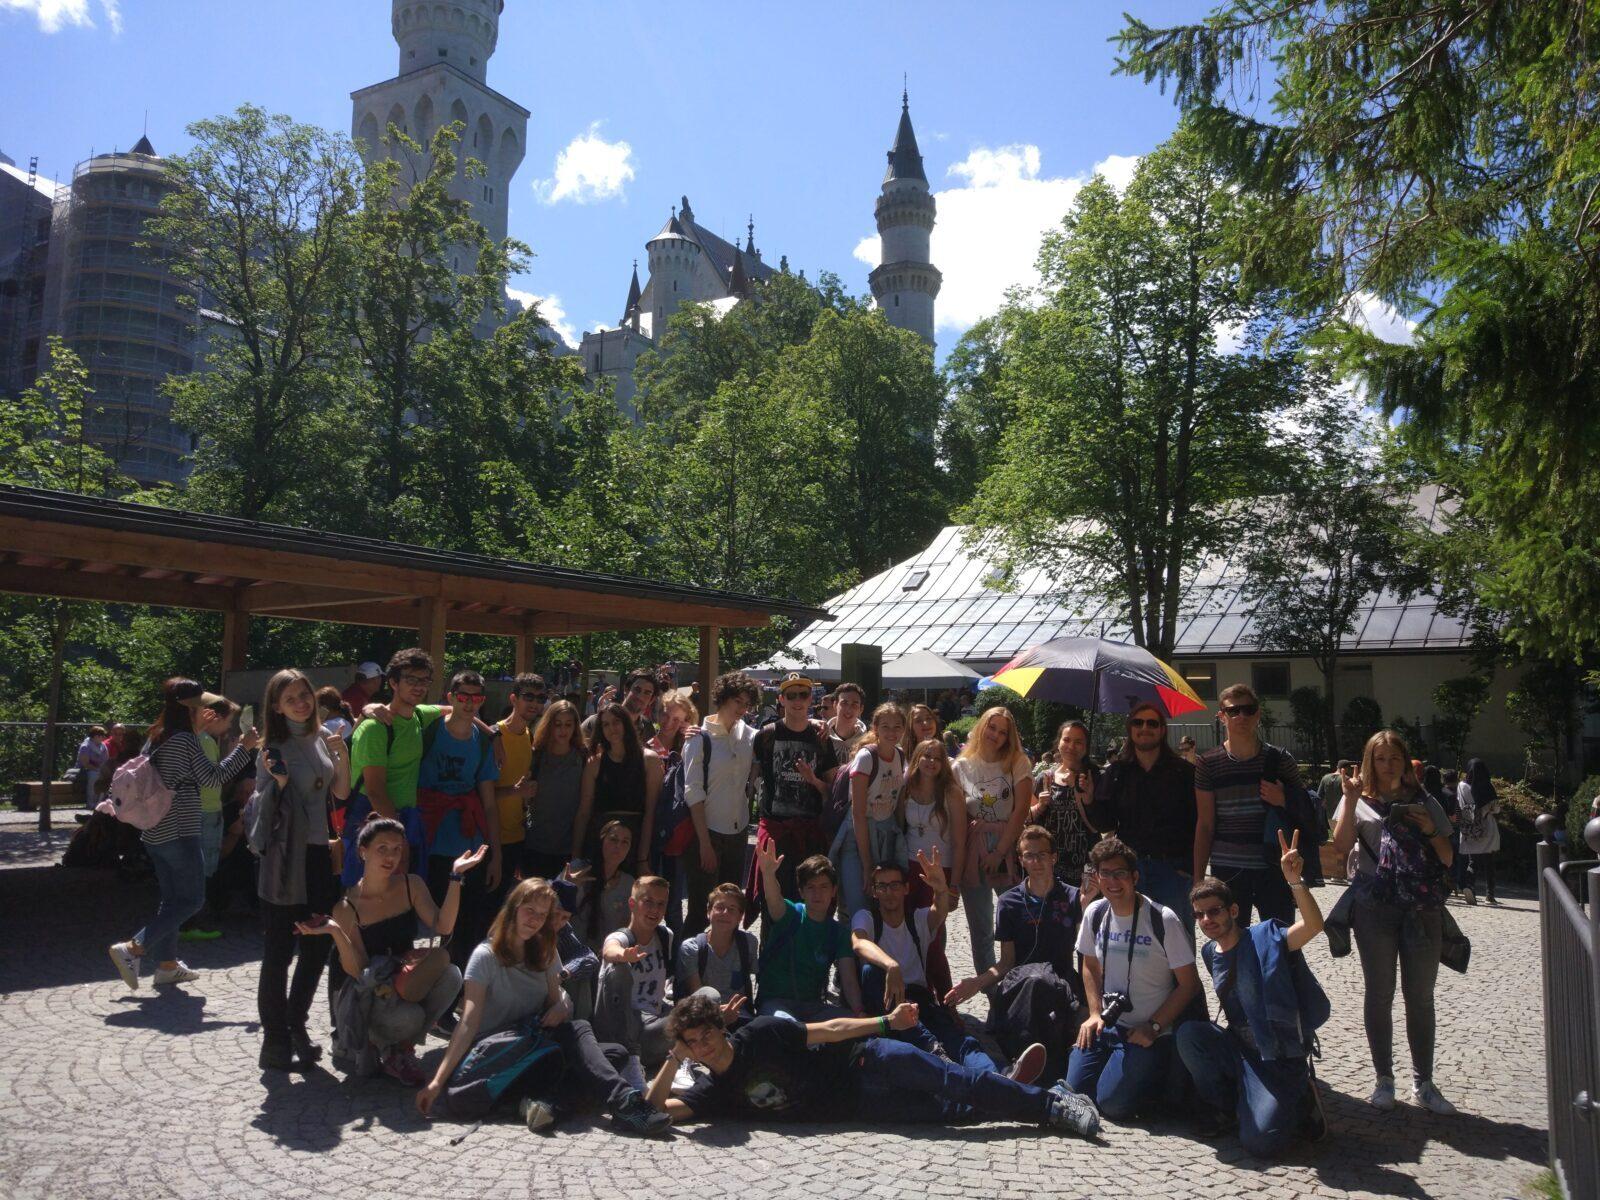 Анонс международного лагеря в Мюнхене